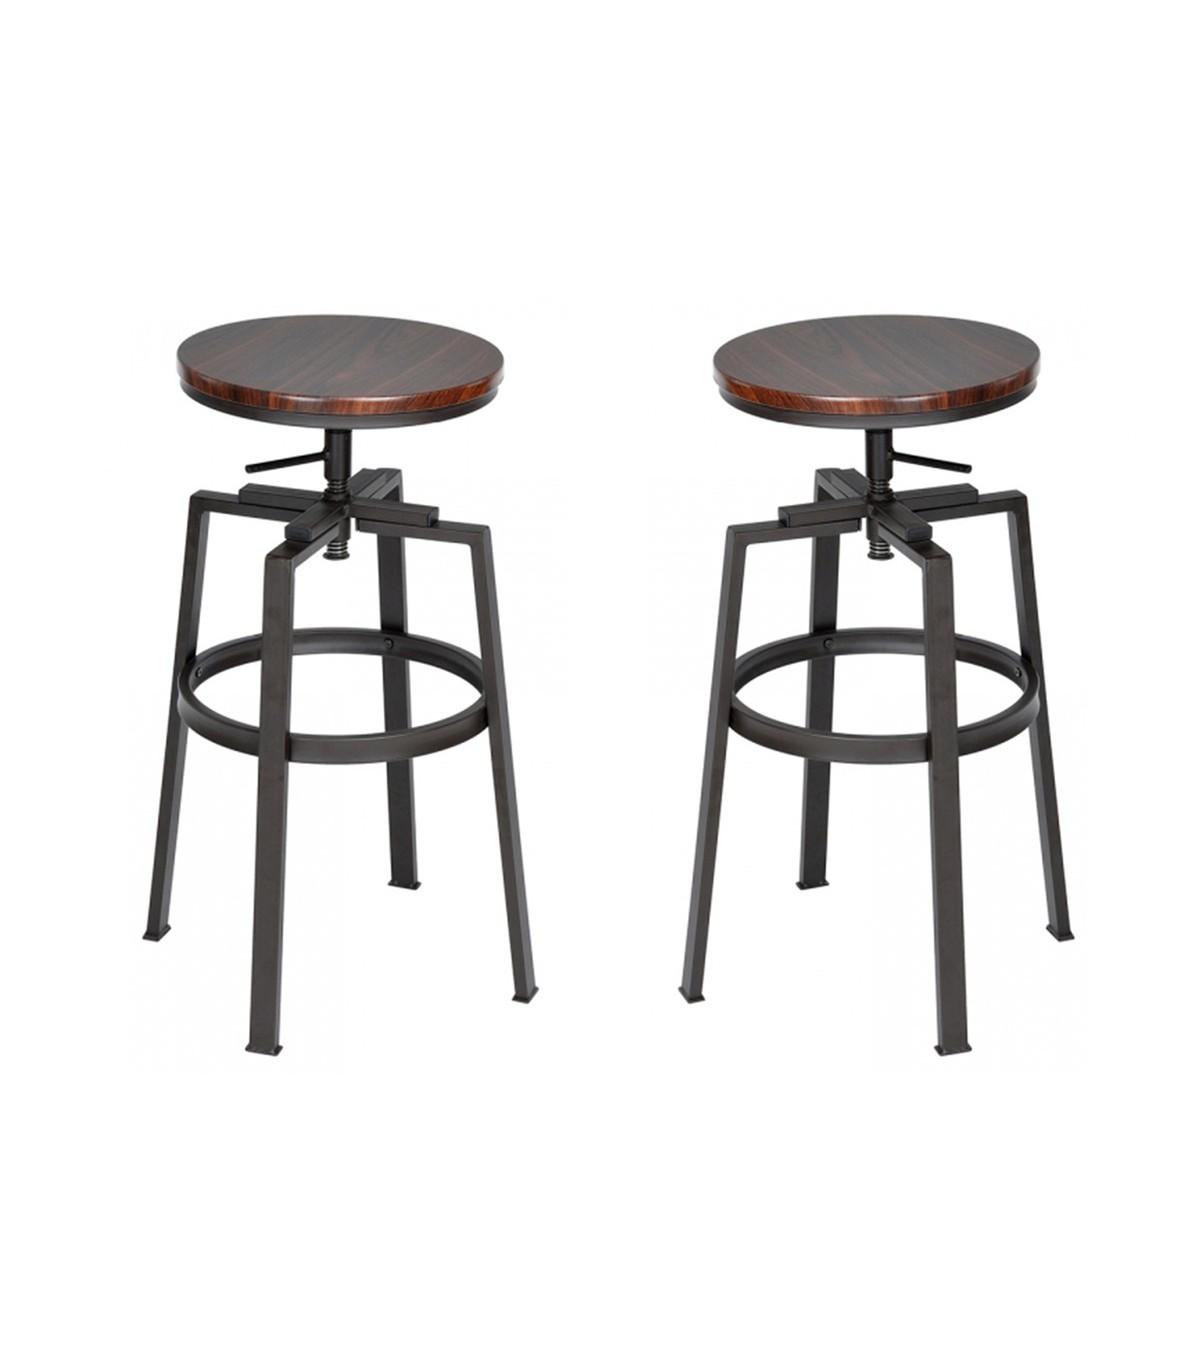 tabouret de bar bois et metal style industriel hauteur r glable